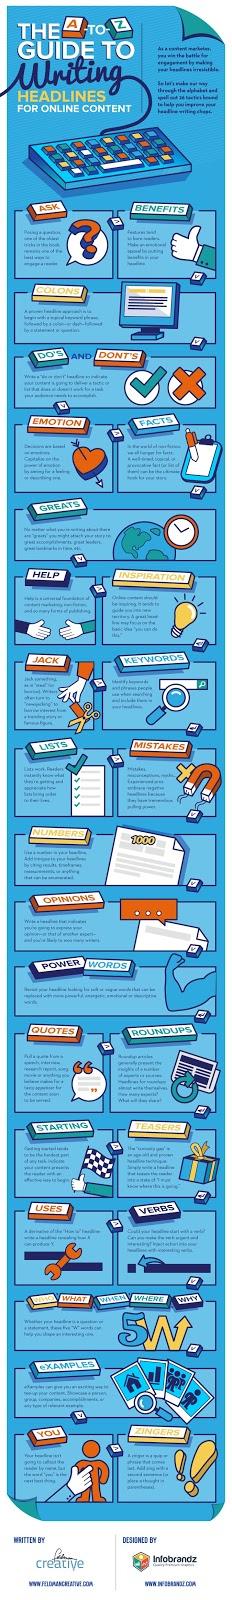 كيف تكتب عناوين قوية لمحتواك عبر الإنترنت [انفوجرافيك]